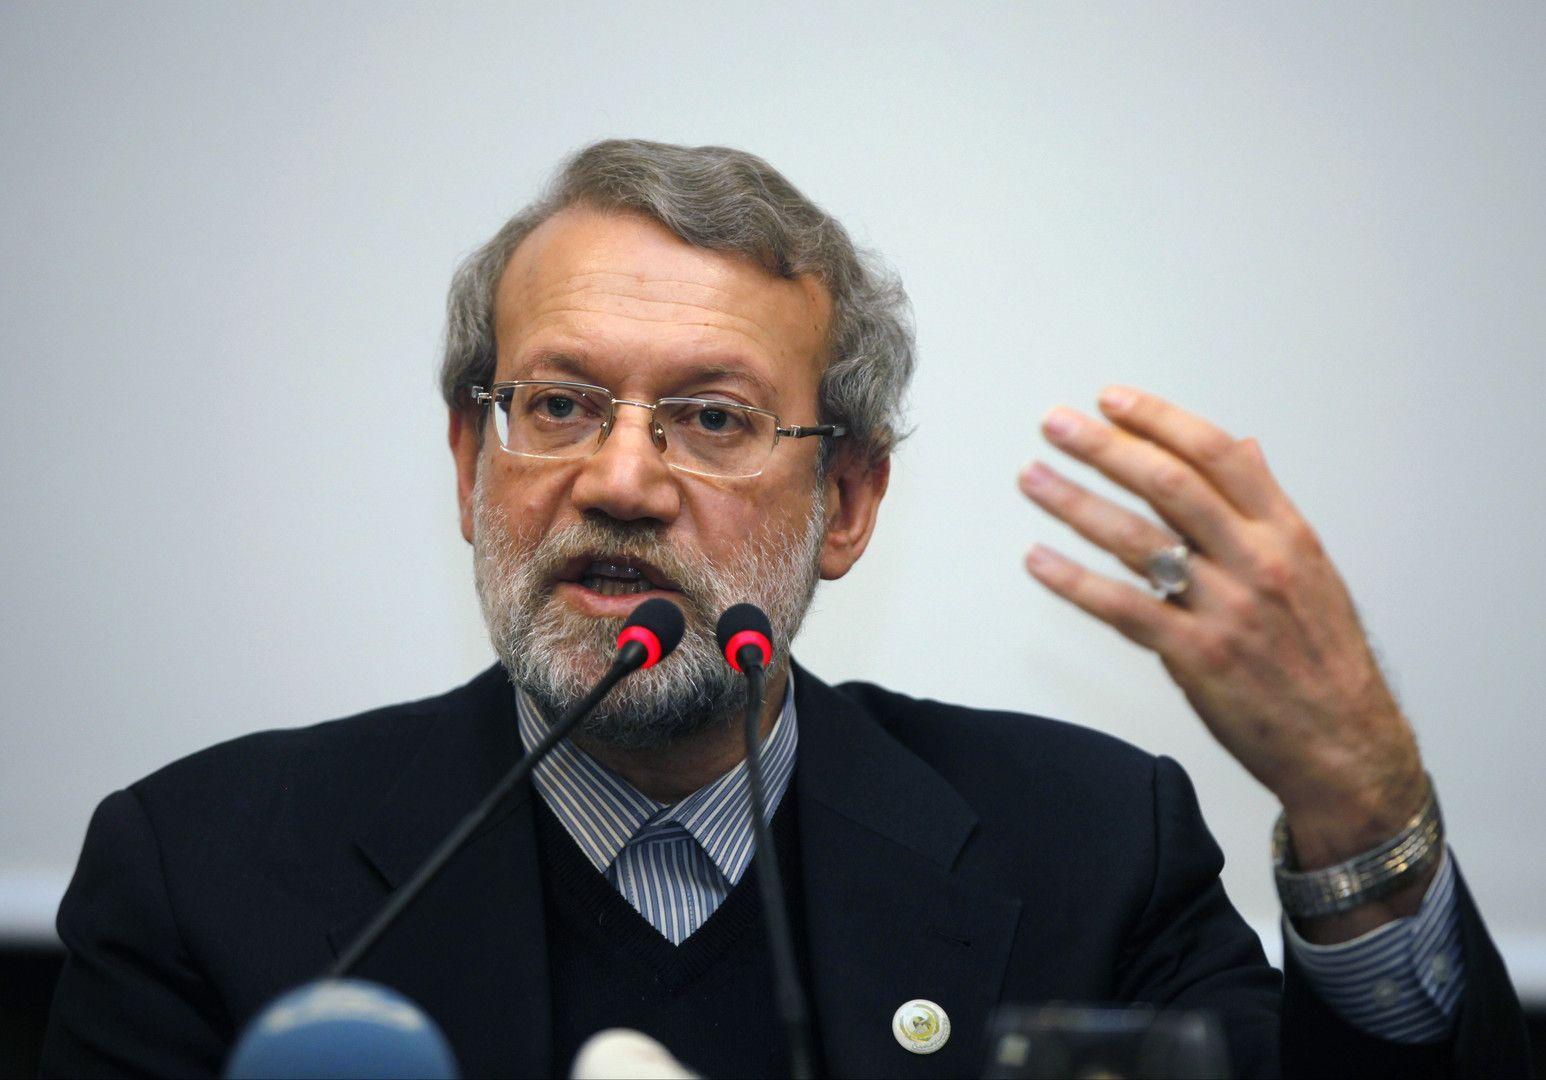 Le président du Parlement iranien, Ali Larijani, a